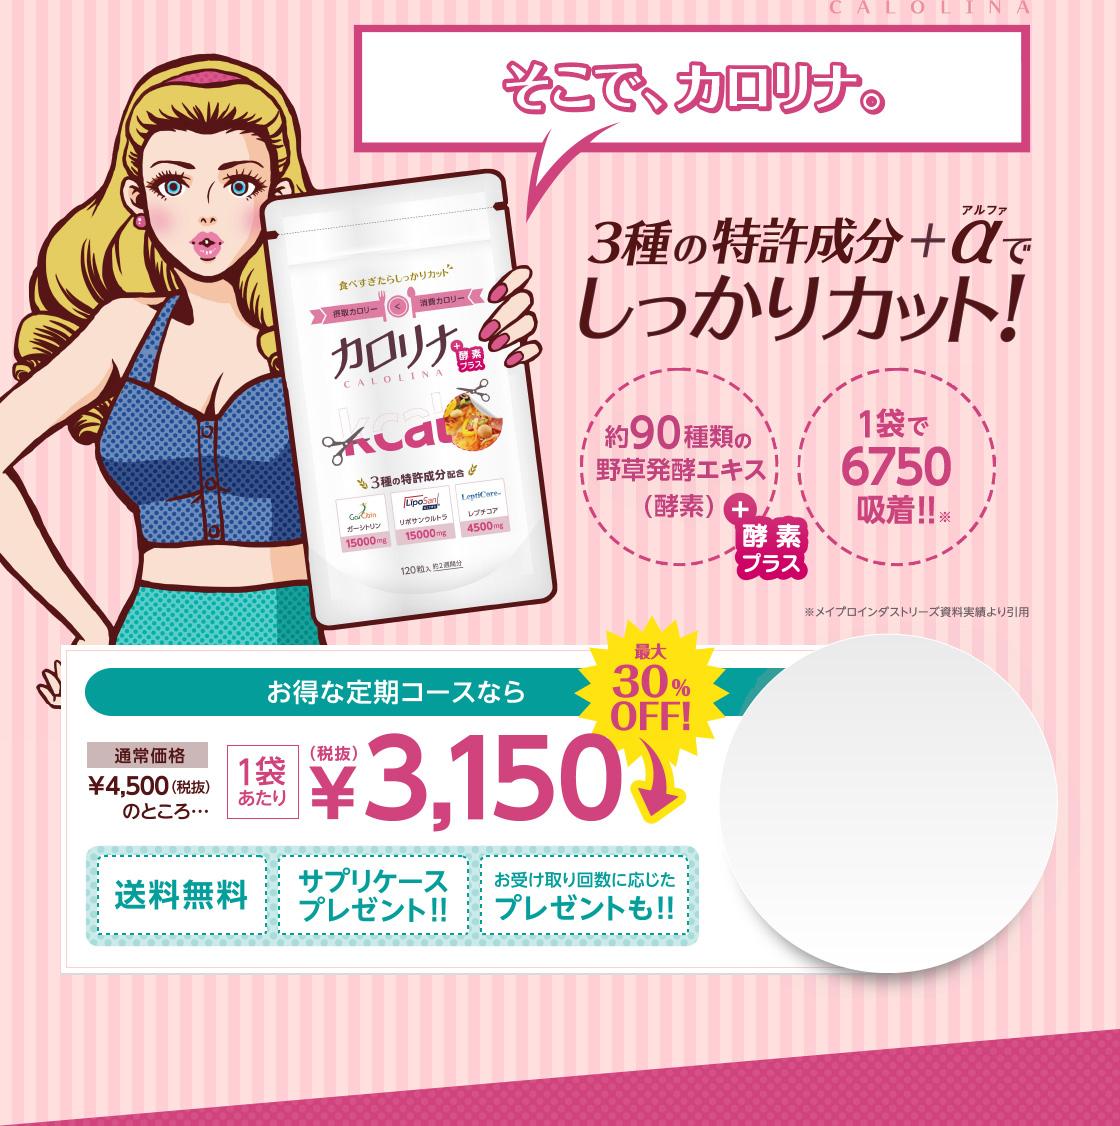 http://odecomart.com/img/calolina/calolina_buy_02_03.jpg